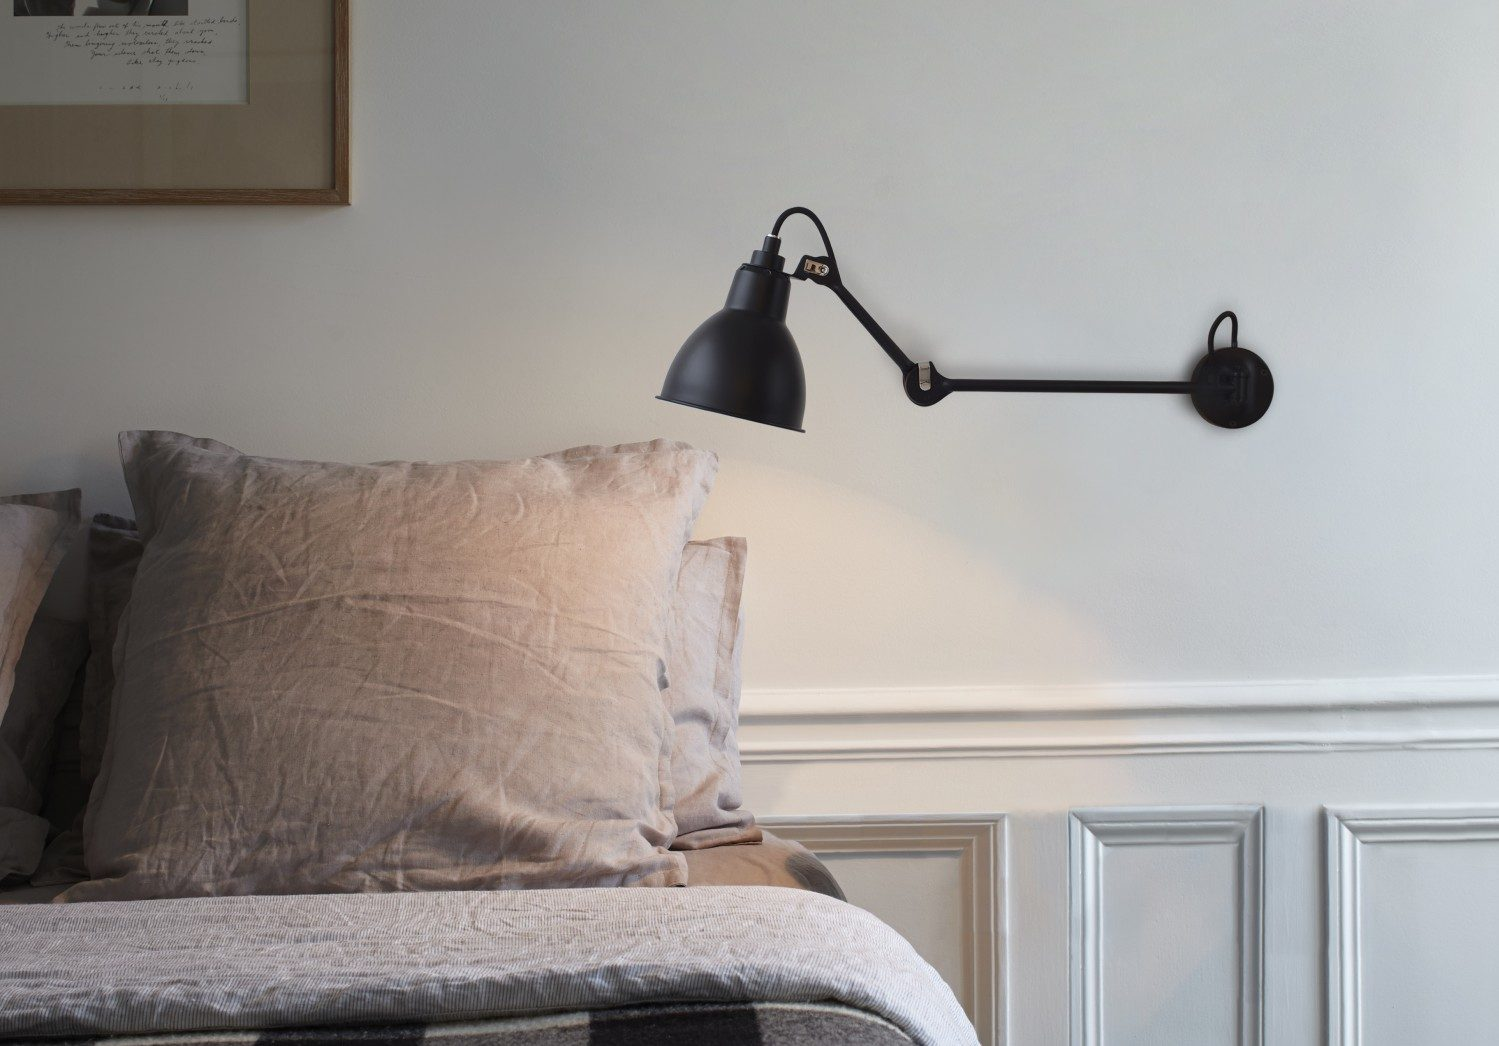 13 v u00e6glamper i flot og moderne design til sovev u00e6relset, kokkenet og stuen